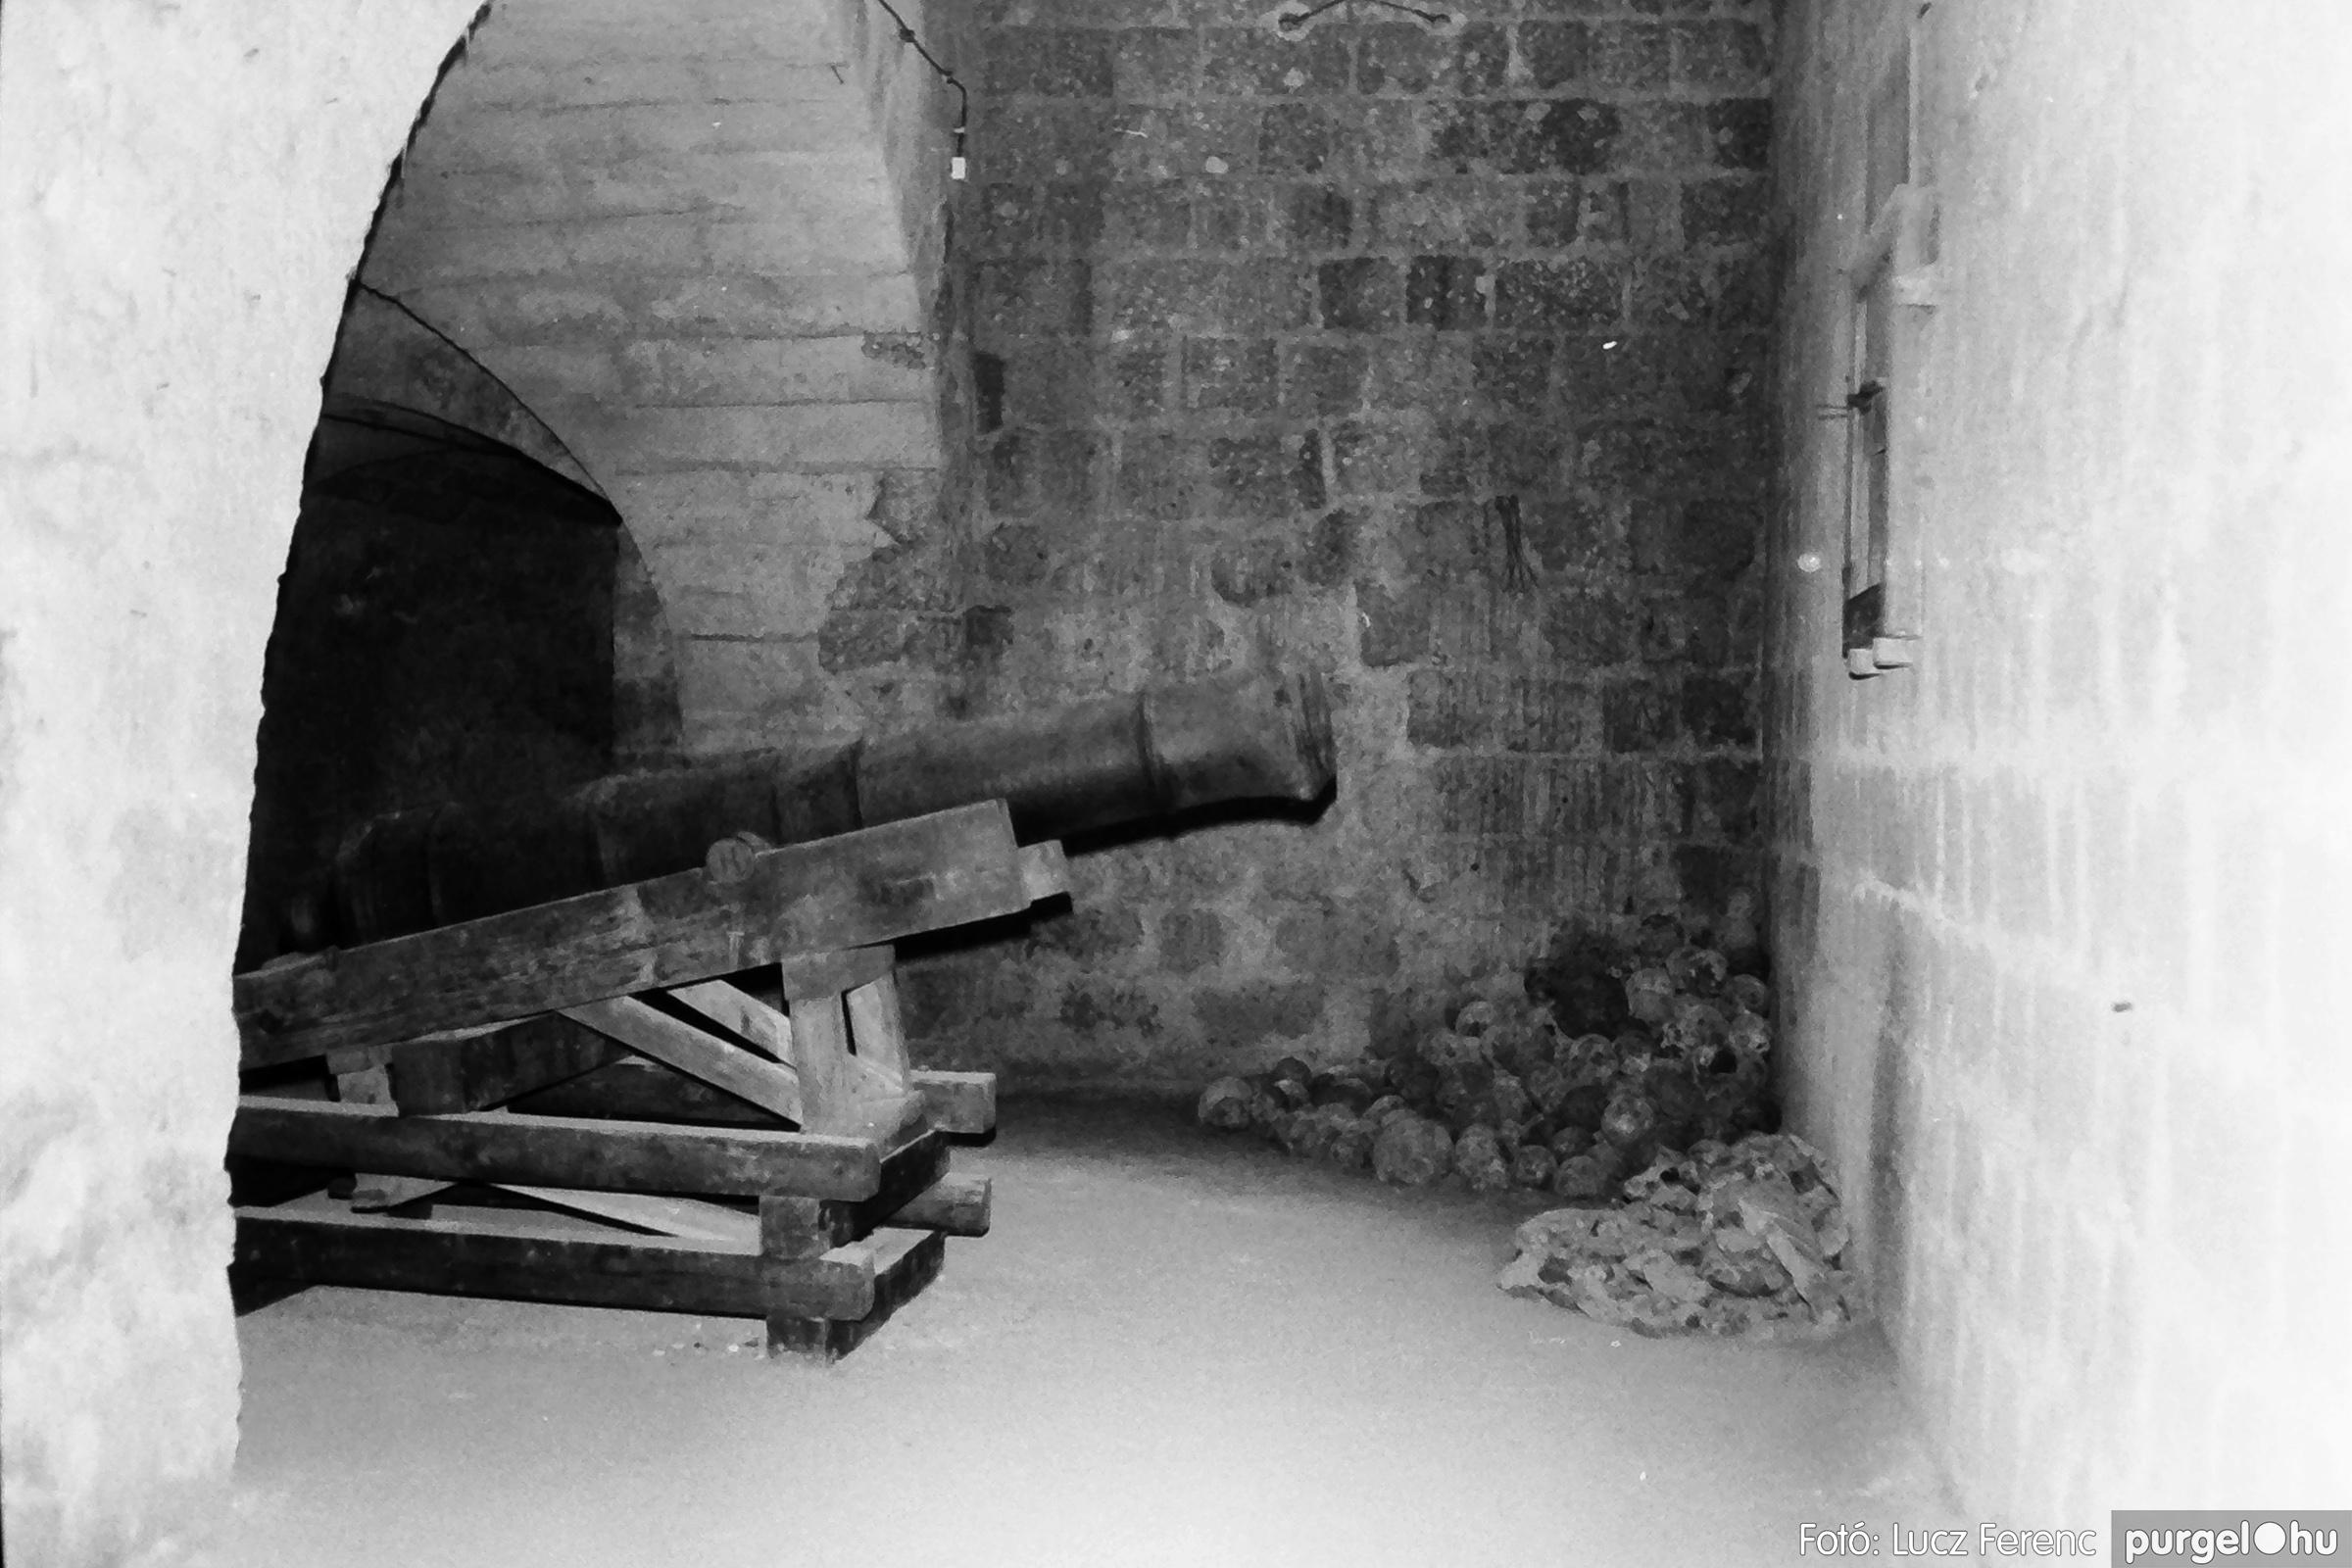 086, 088. 1977. Nyári tábor a Mátrában 021. - Fotó: Lucz Ferenc.jpg